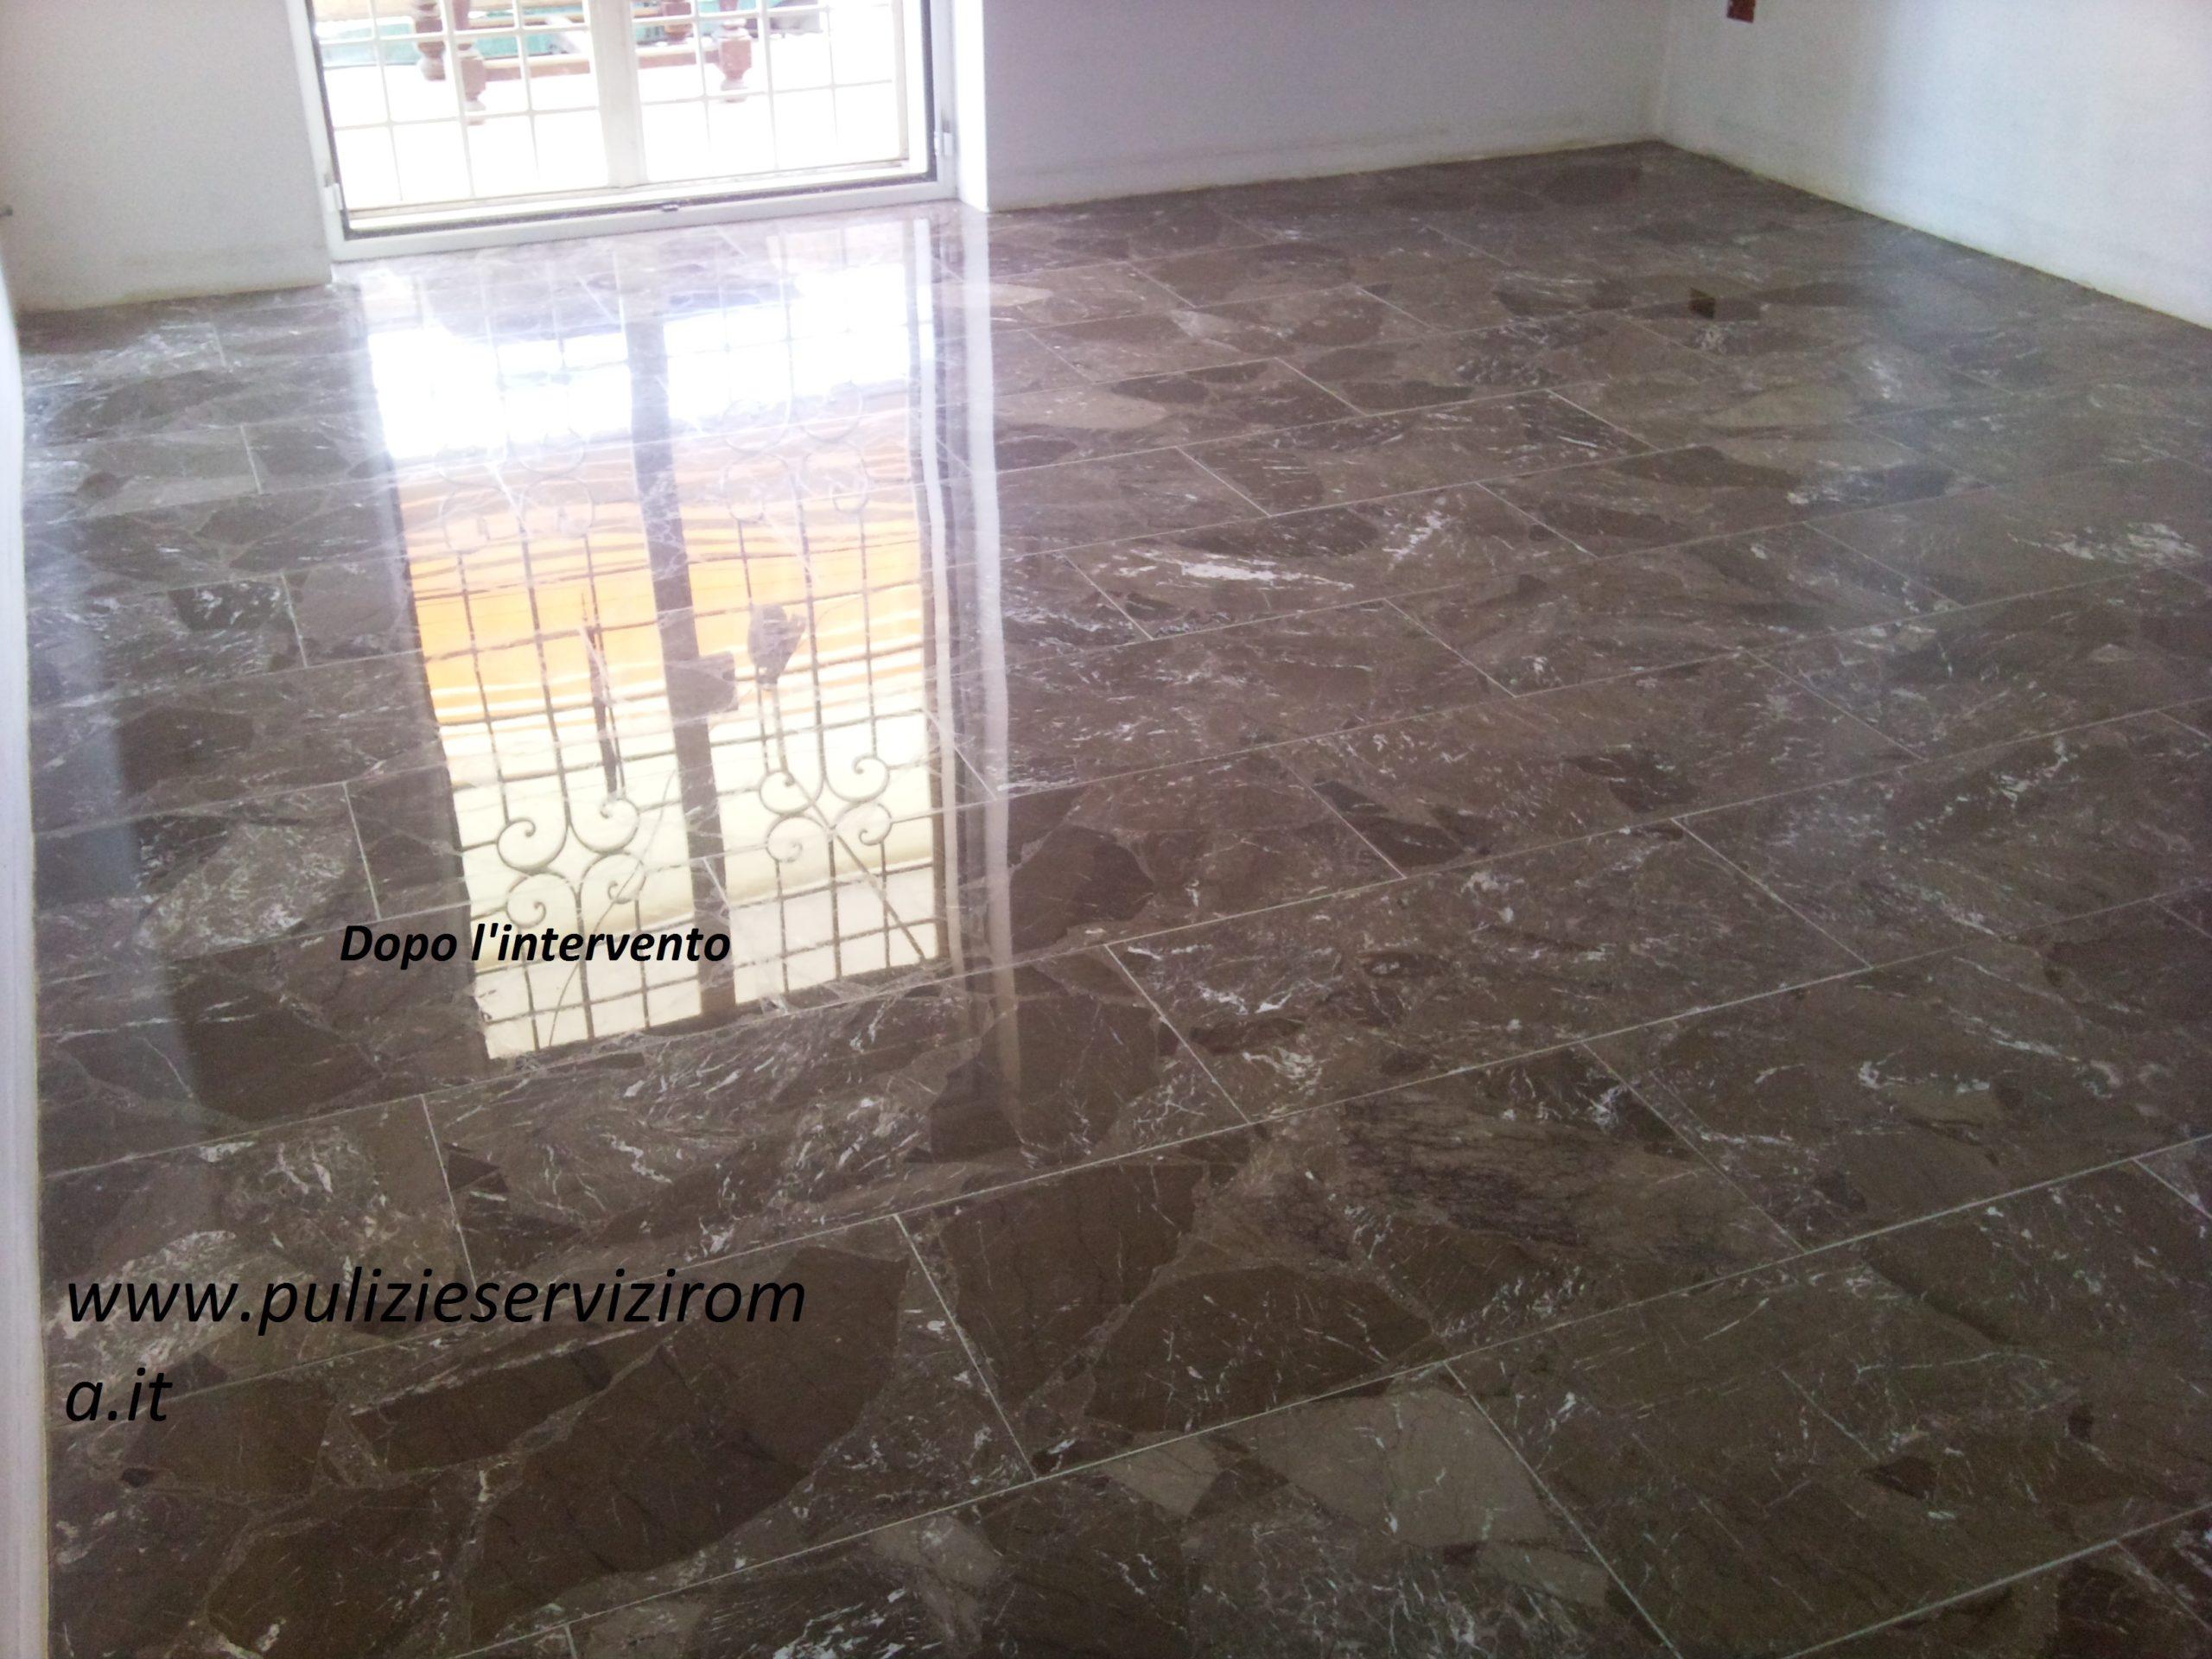 lucidature e brillantatura pavimenti marmo - La Familiare - pulizieserviziroma.it